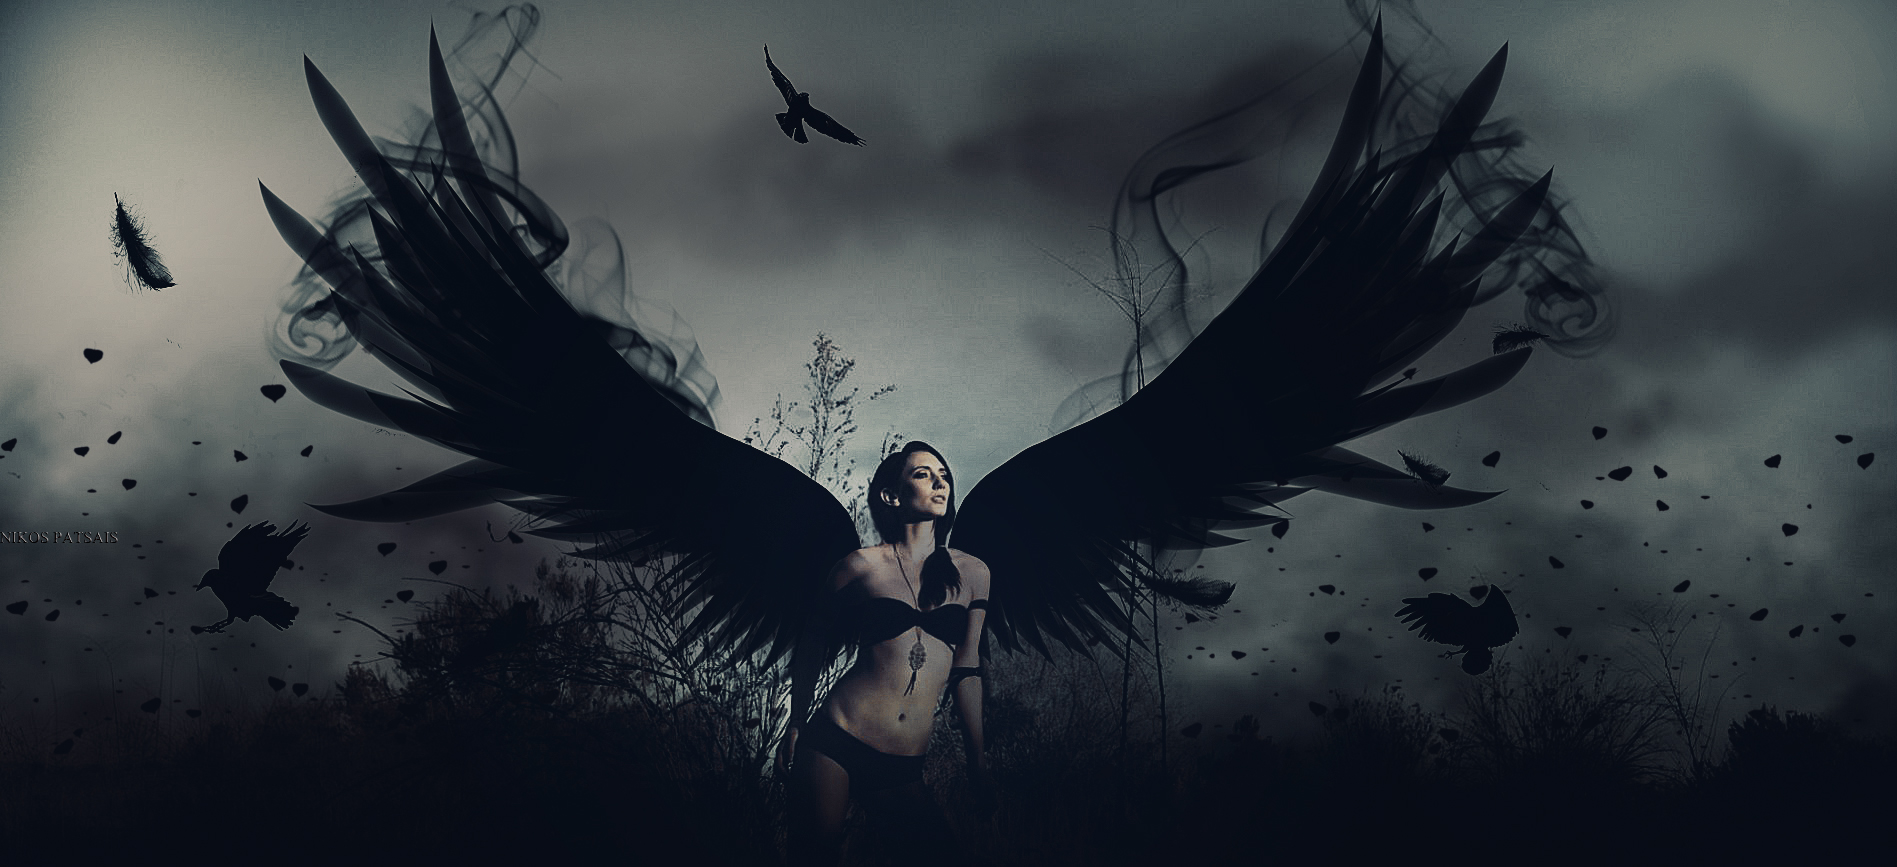 C: Angel Girl [original] by Cherubit on DeviantArt